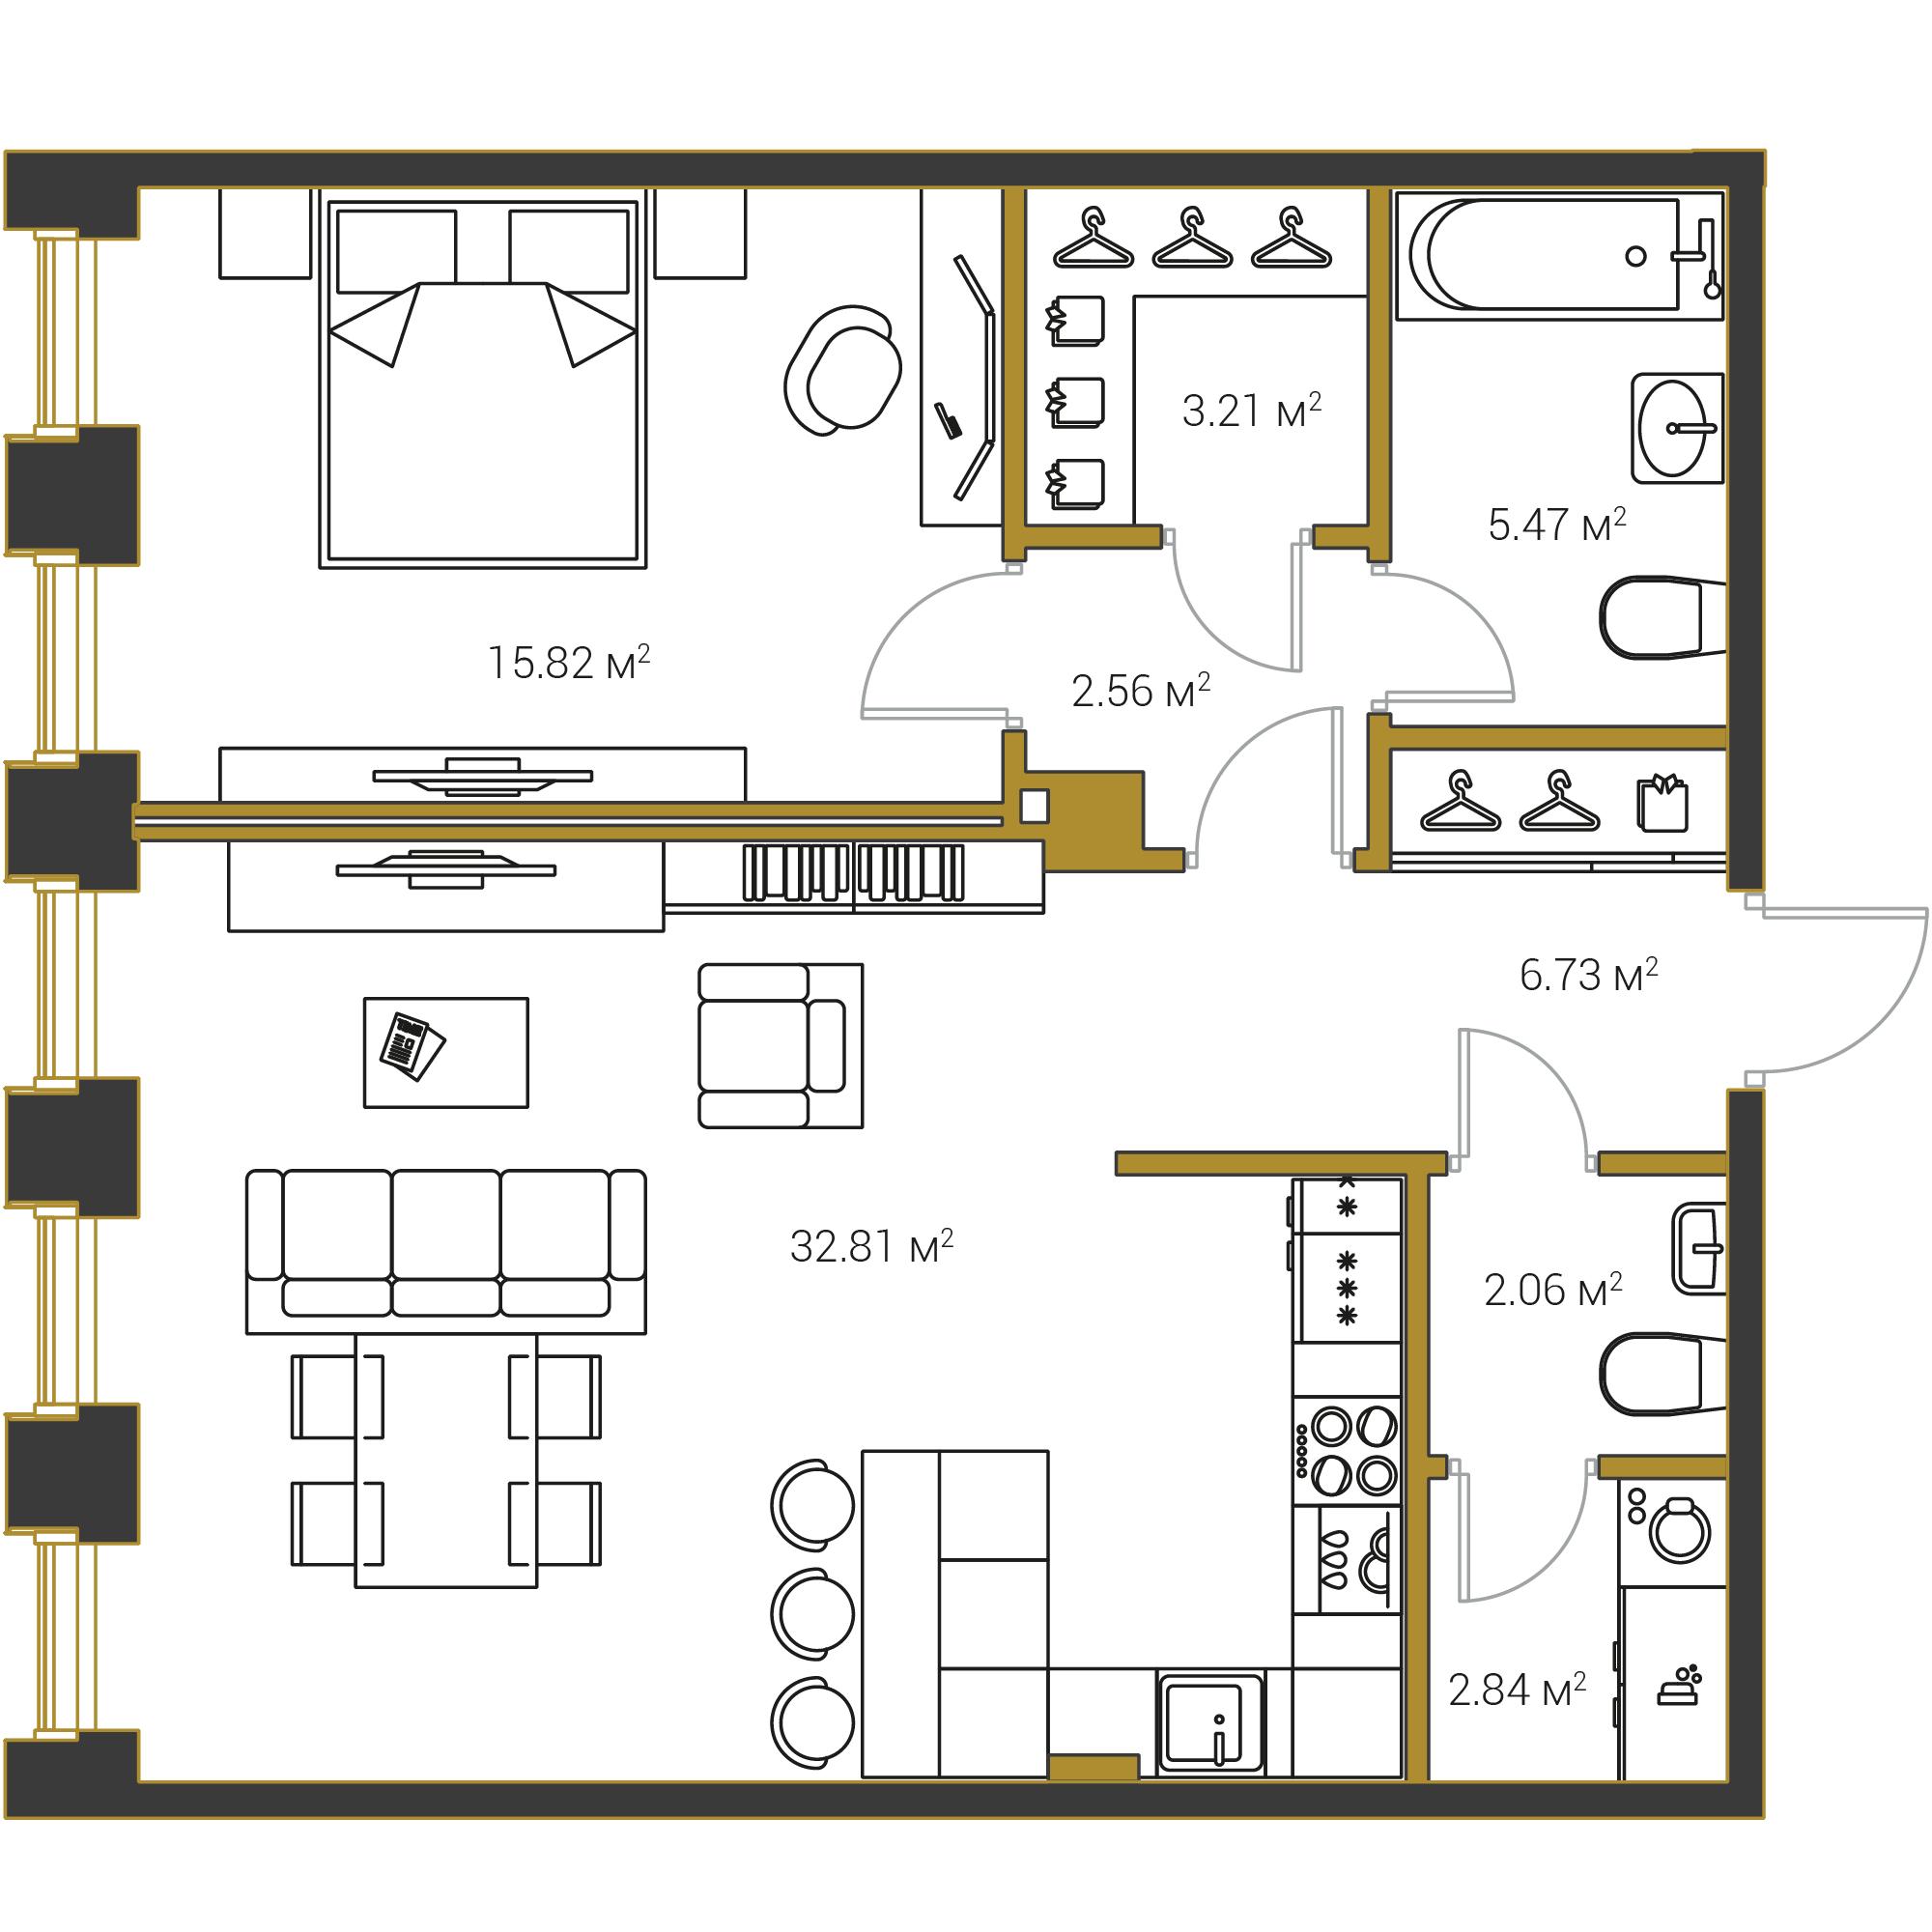 1-комнатная квартира №16 в: Институтский,16: 71.5 м²; этаж: 5 - купить в Санкт-Петербурге